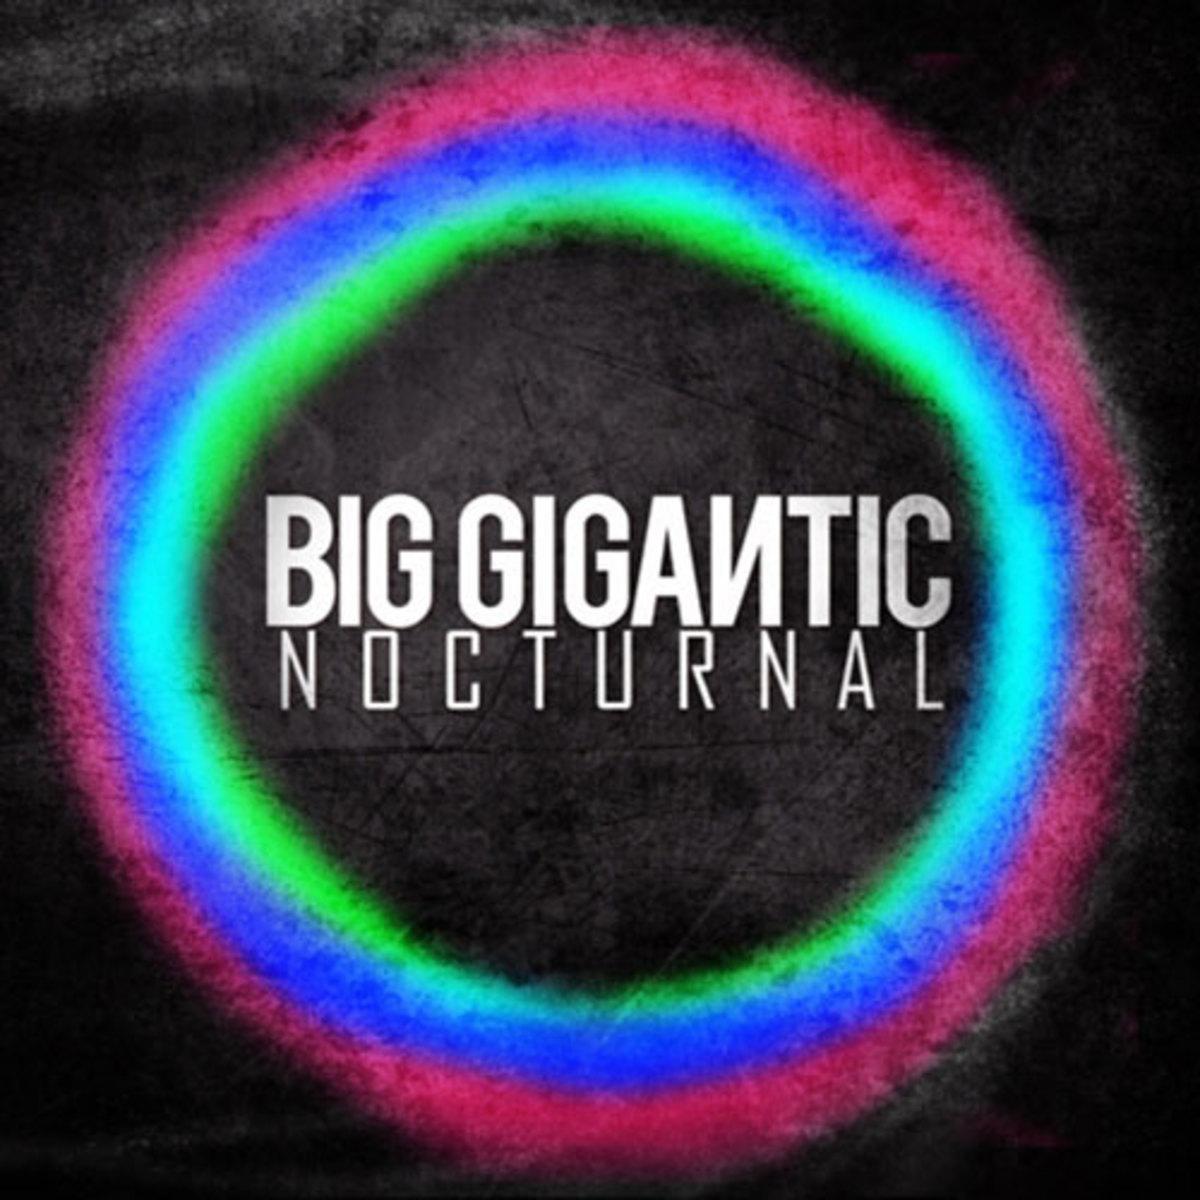 biggigantic